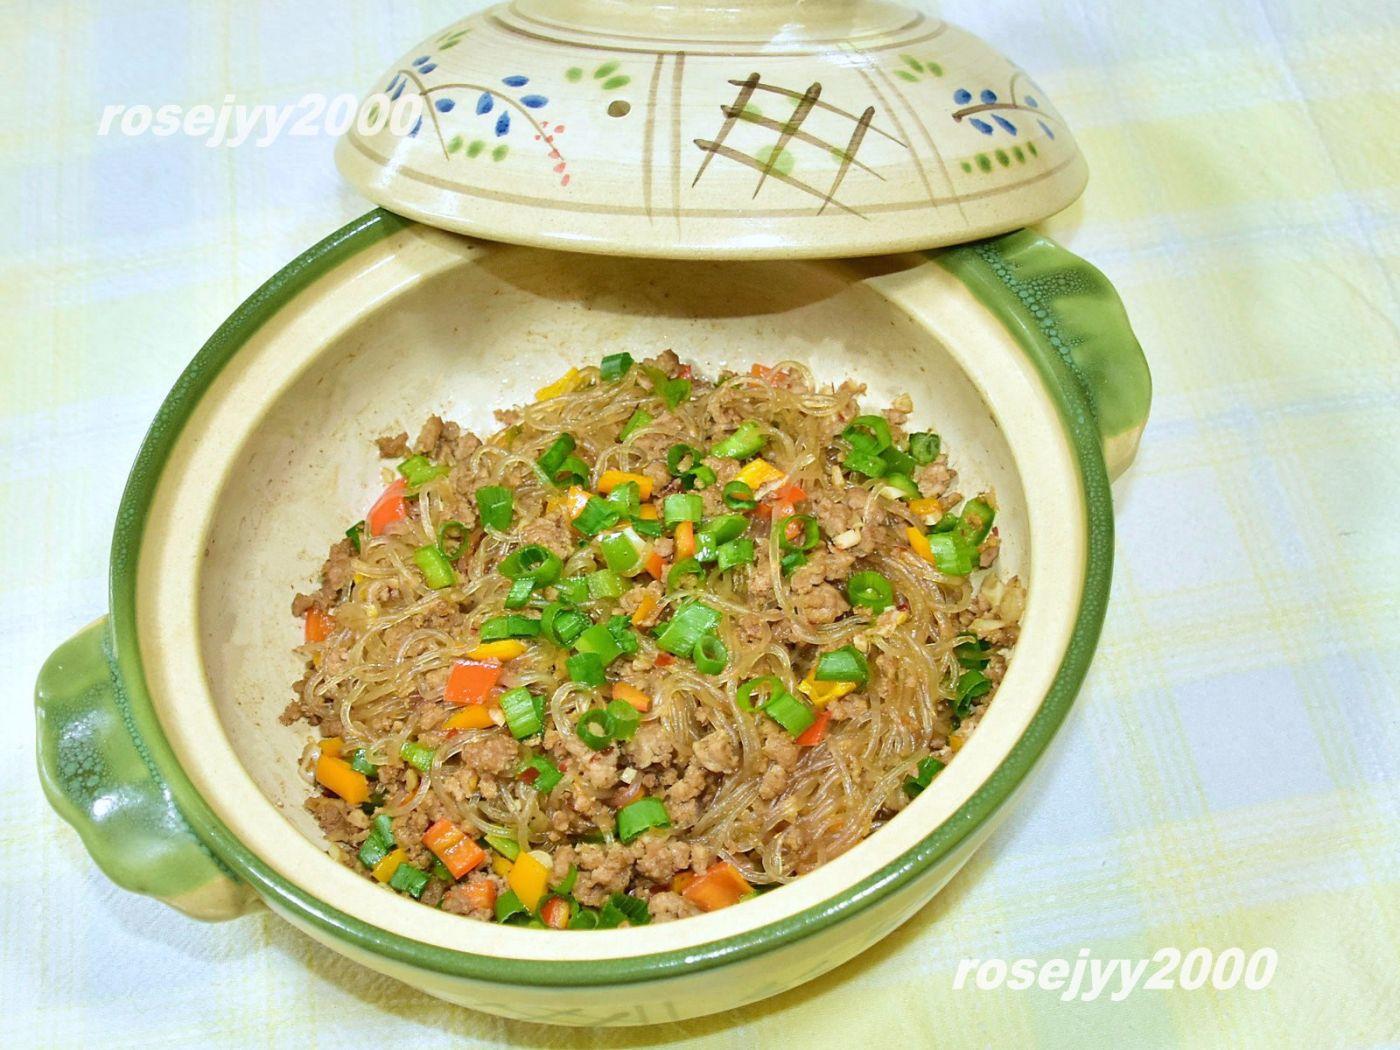 肉末粉丝煲_图1-1